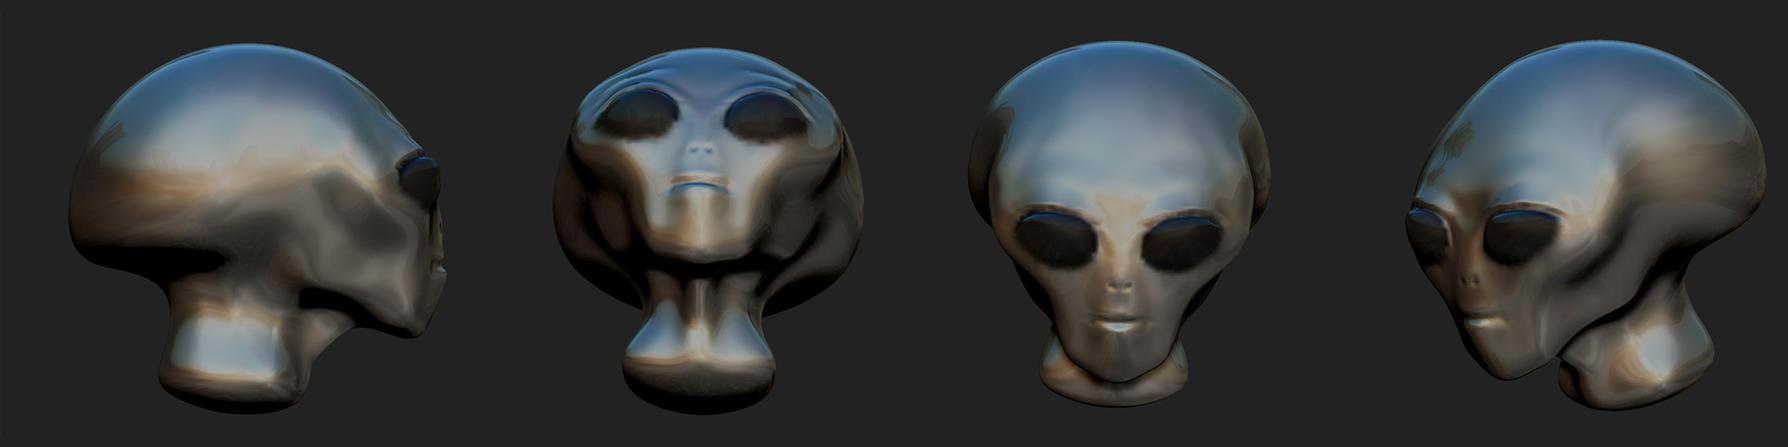 Alien by Ma-Edwa24